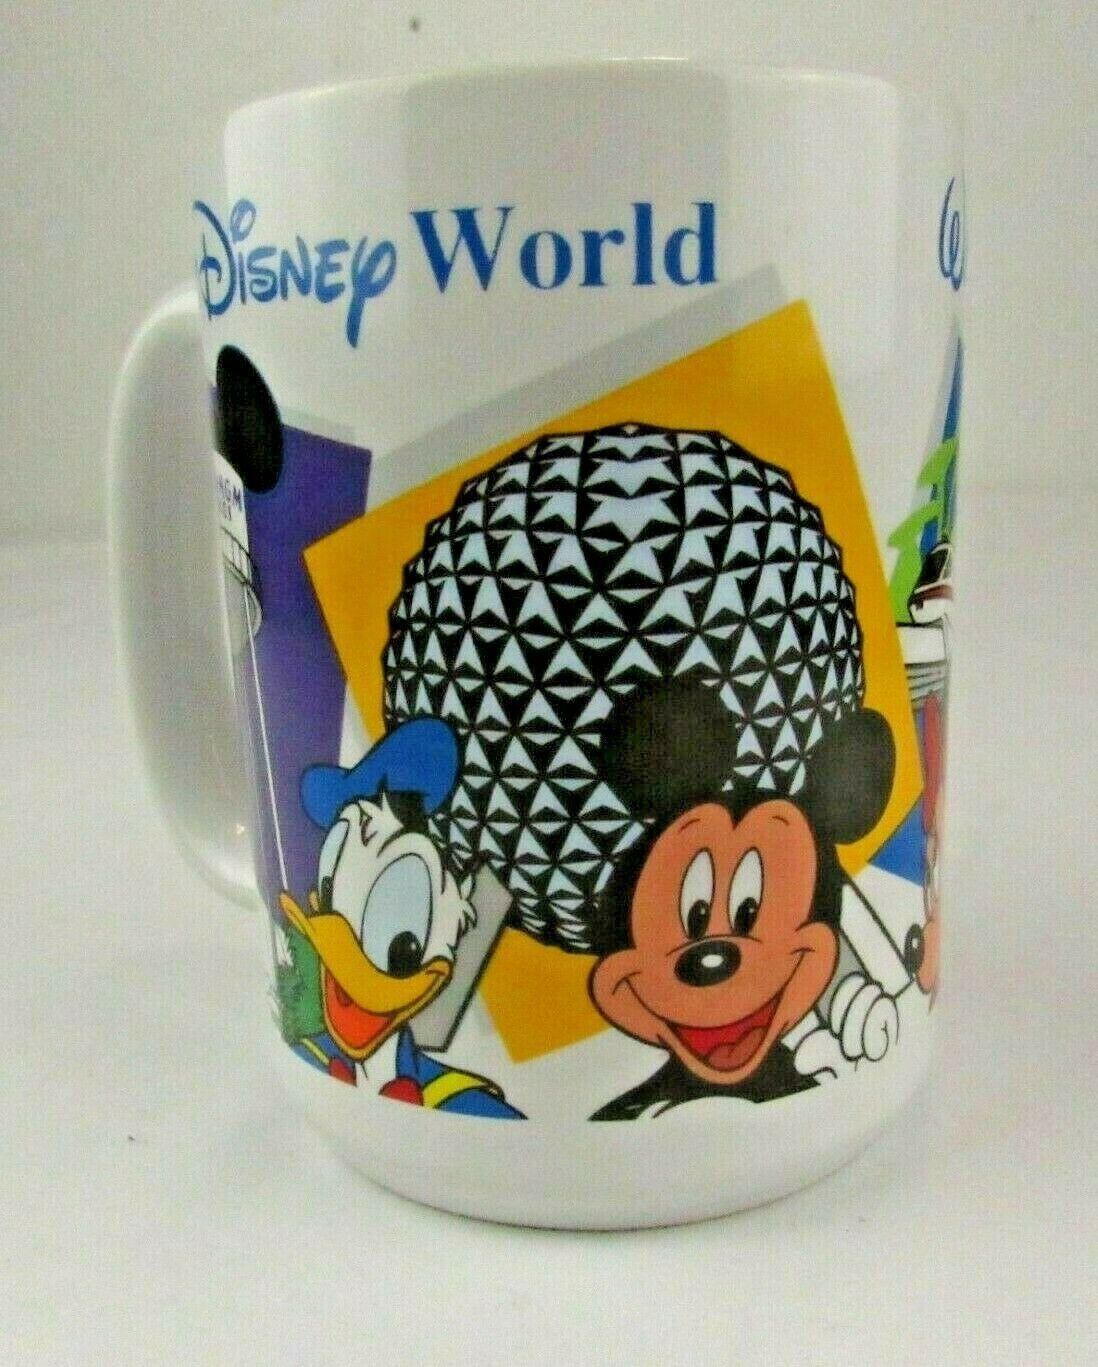 Disney Parks Authentic Princess Aurora Dress Ceramic Sleeping Beauty Relief Mug